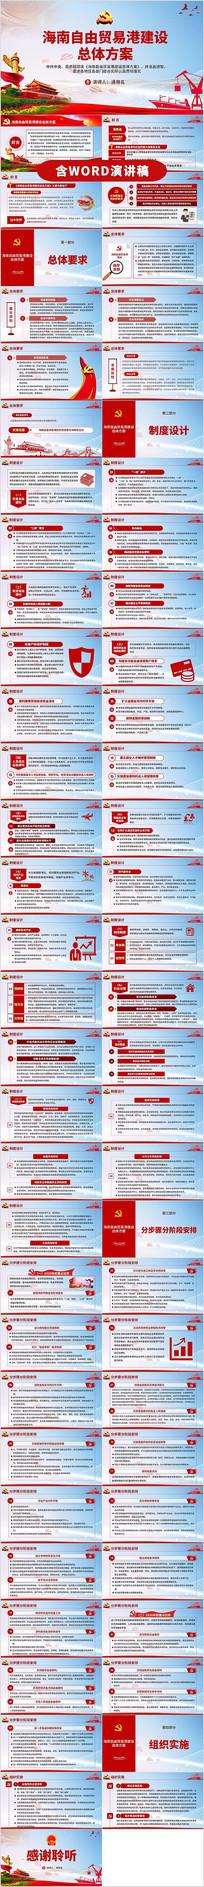 海南自由贸易港建设总体方案解读ppt